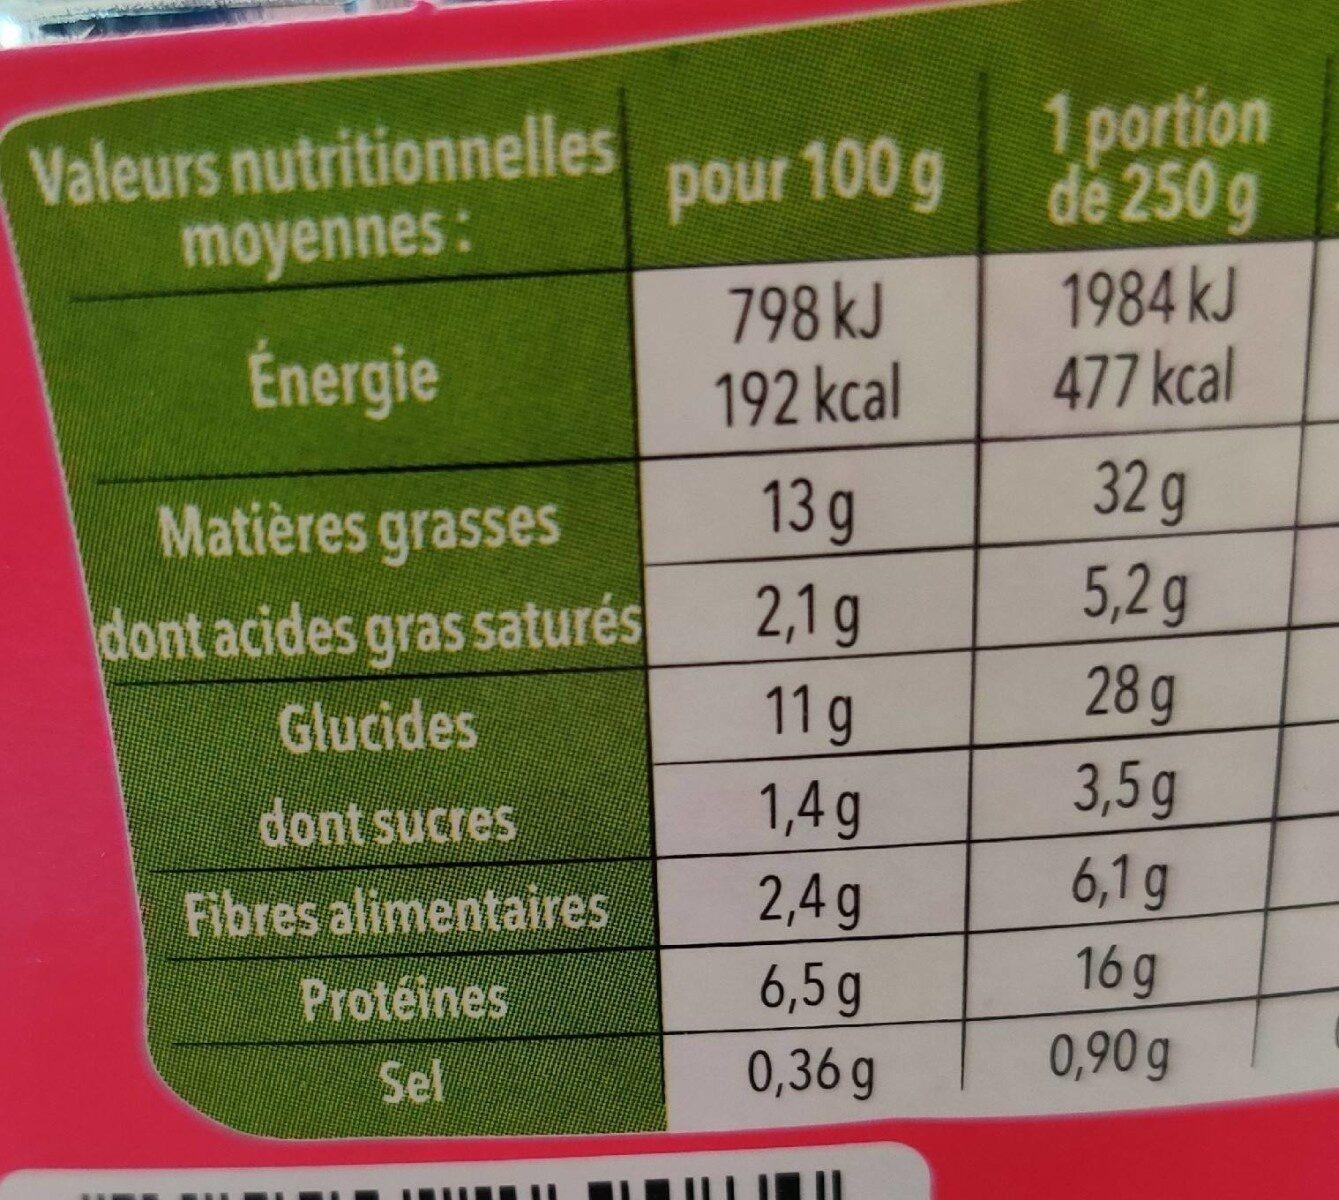 Salade et céréales poulet avocat - Informations nutritionnelles - fr